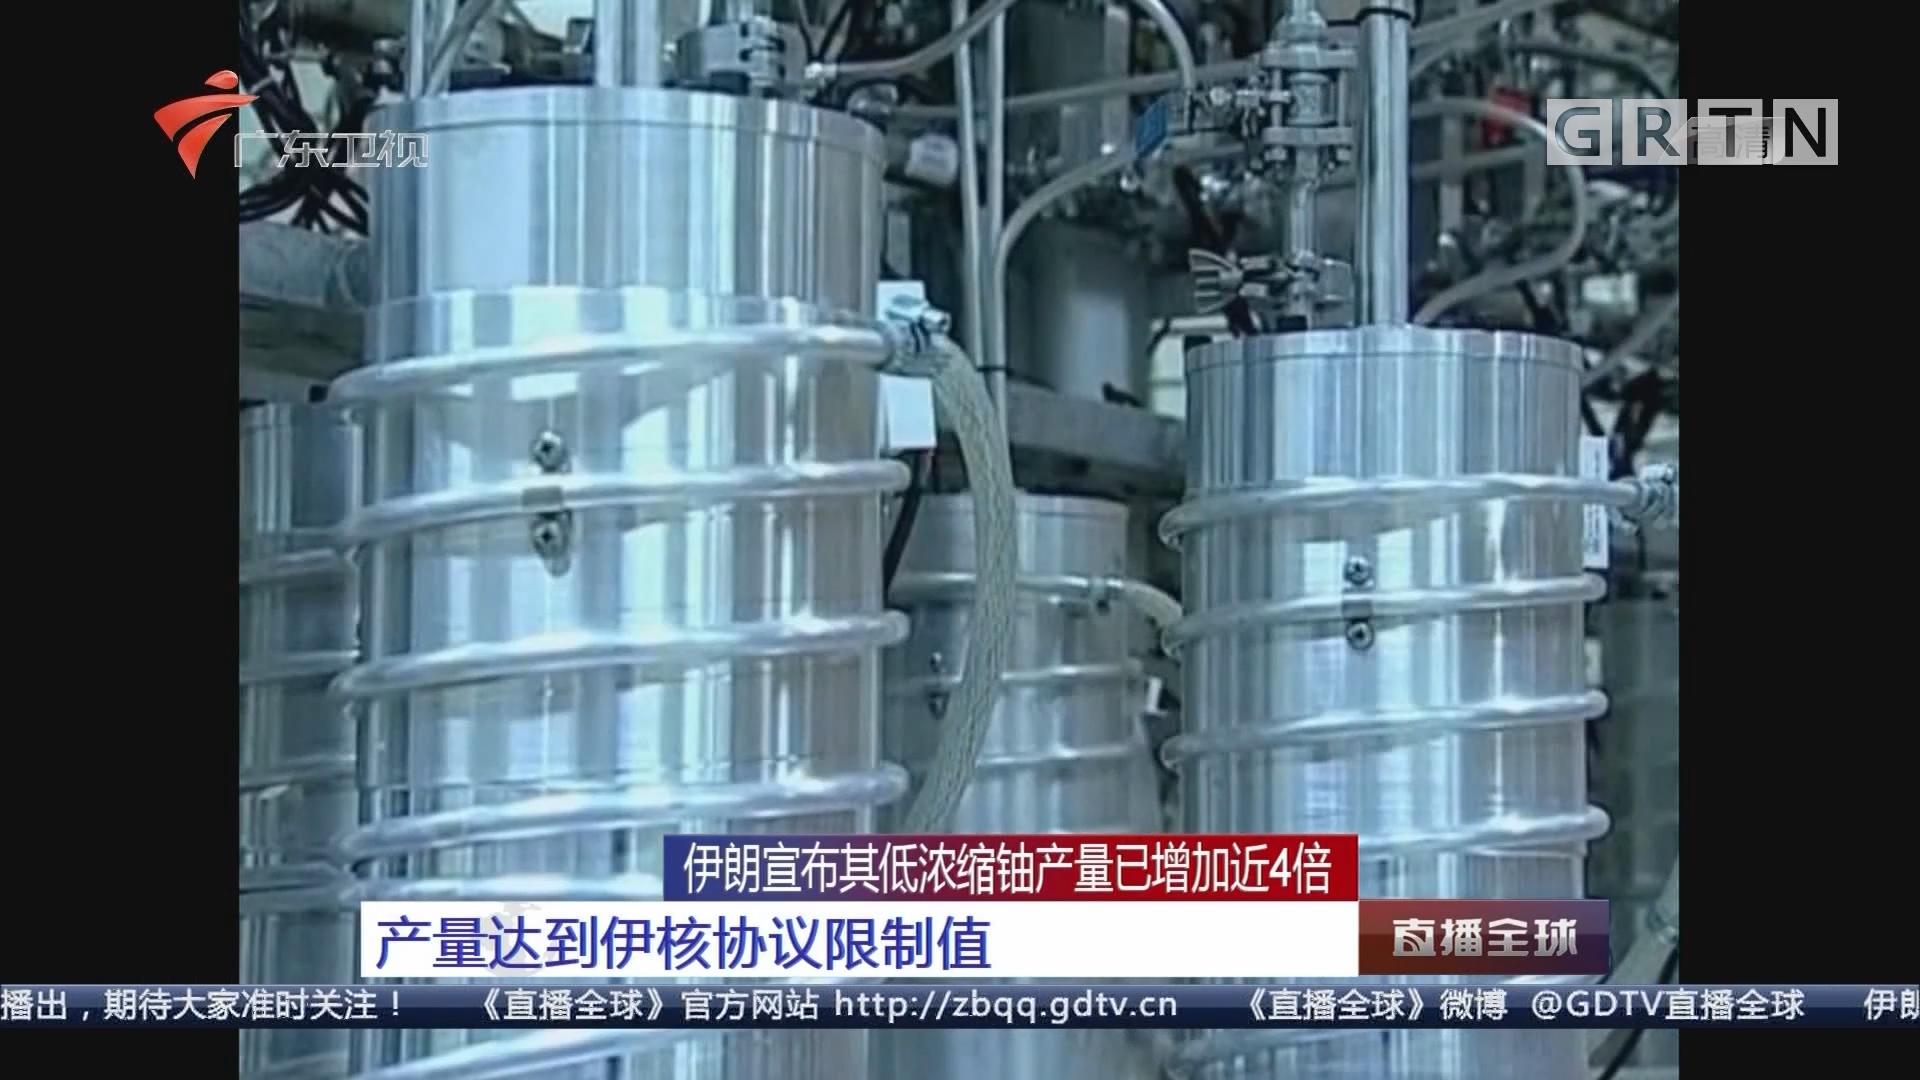 伊朗宣布其低浓缩铀产量已增加近4倍 产量达到伊核协议限制值